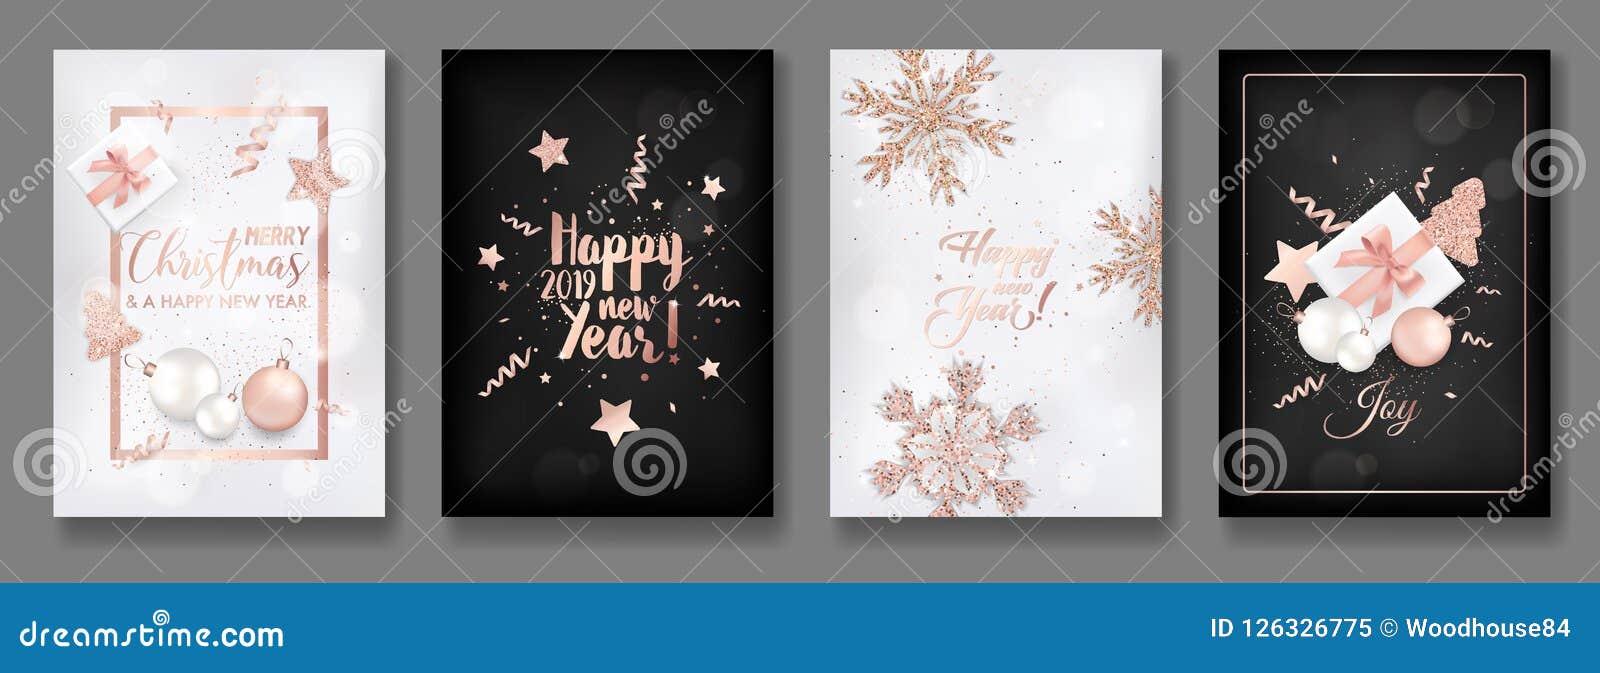 Reeks van Elegant Vrolijk Kerstmis en Nieuwjaar 2019 Kaarten met het Glanzen Rose Gold Glitter Christmas Balls, Sterren, Sneeuwvl